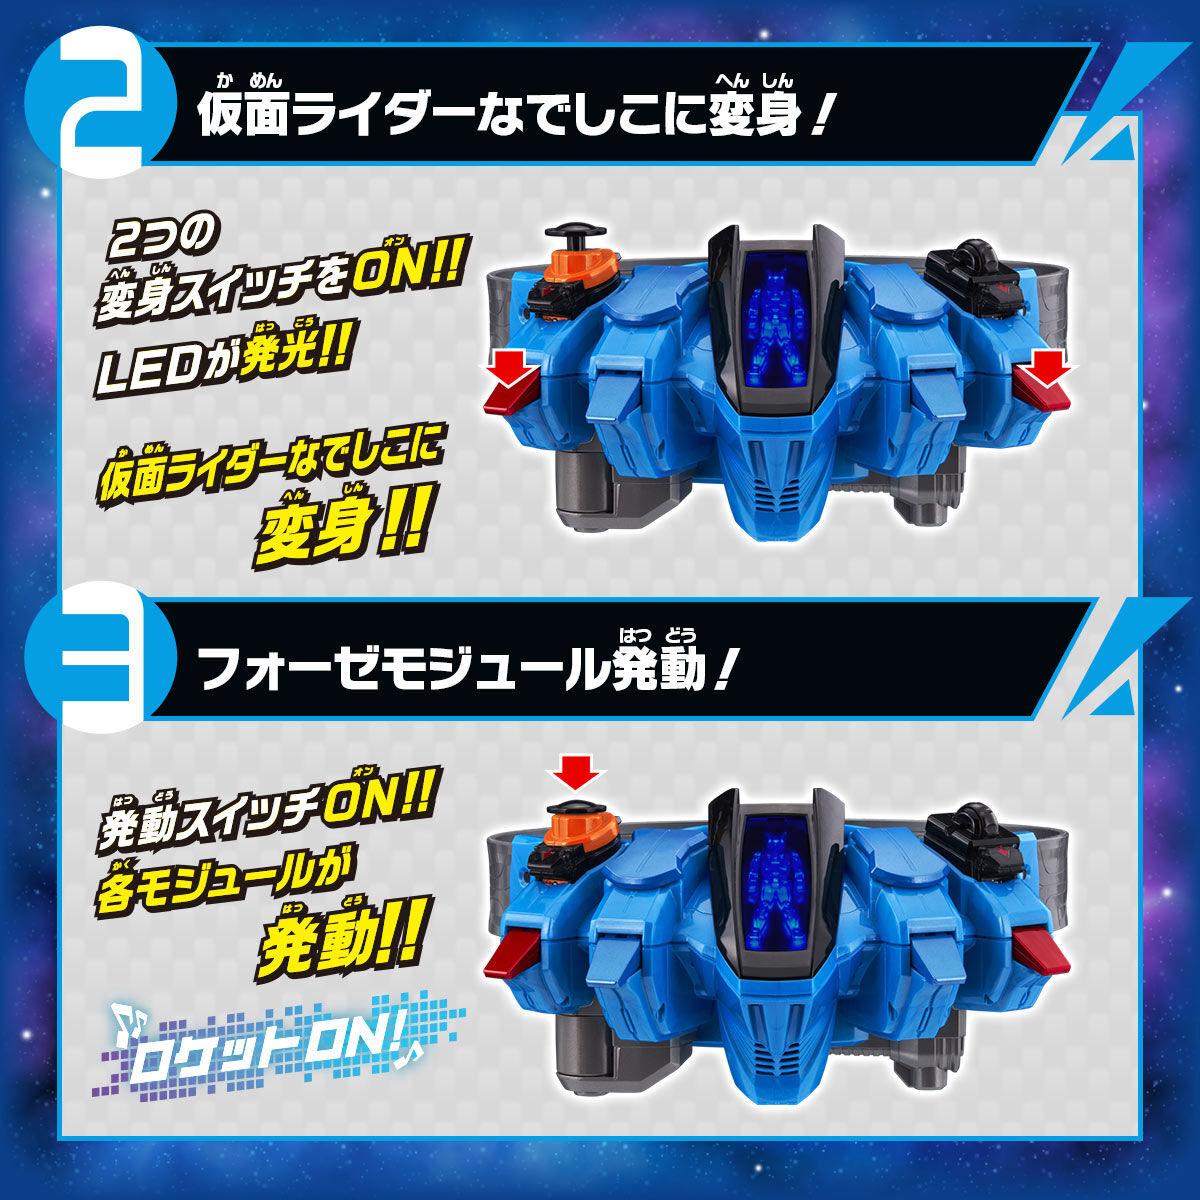 【限定販売】仮面ライダーフォーゼ『変身ベルト DXなでしこドライバー』仮面ライダーなでしこ 変身なりきり-004